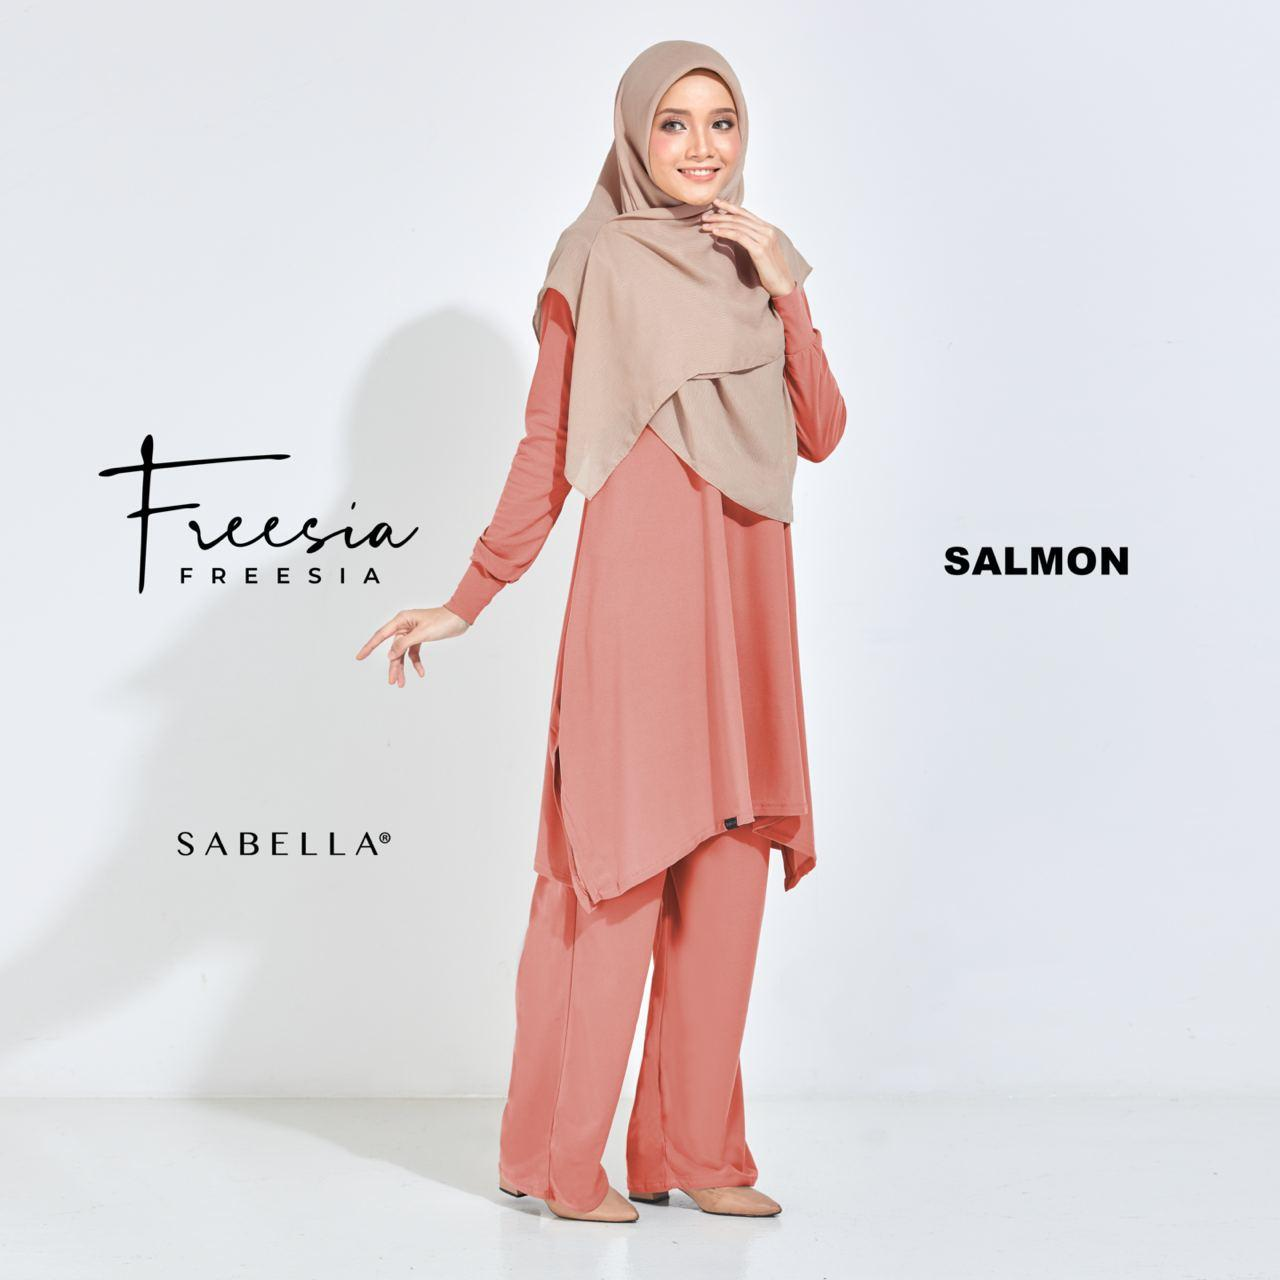 Freesia Salmon